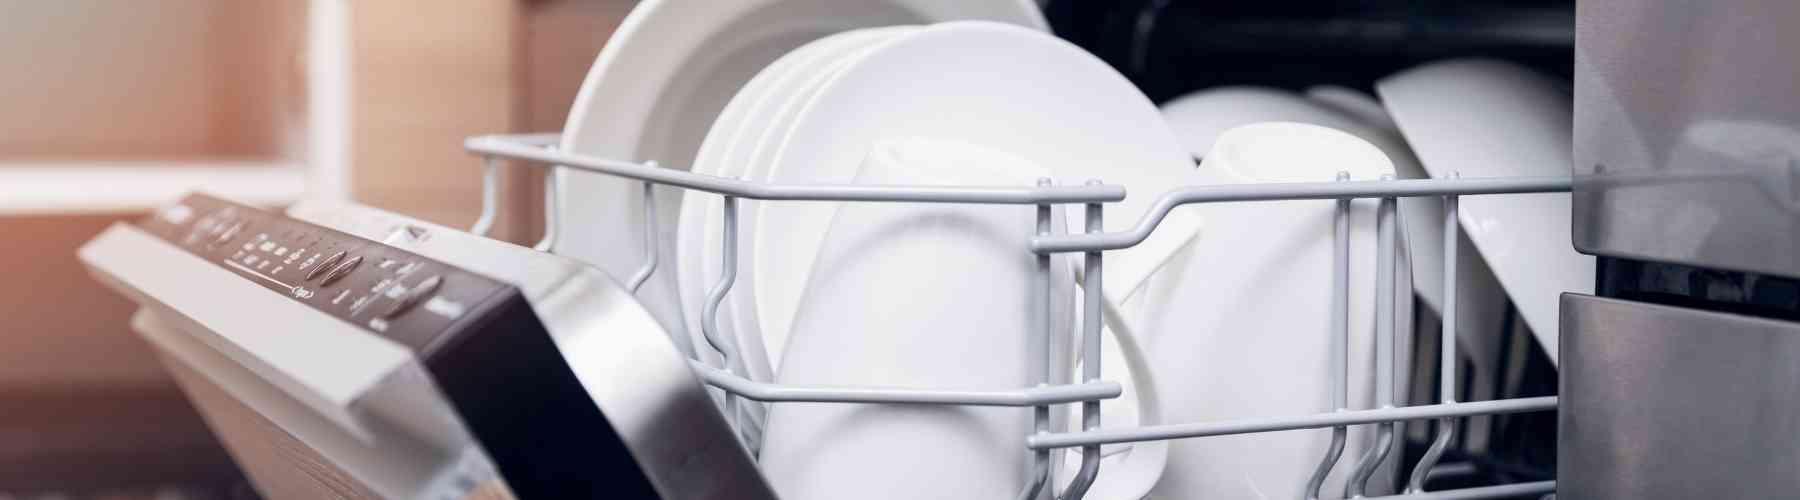 Use Dishwasher - Cut Expenses